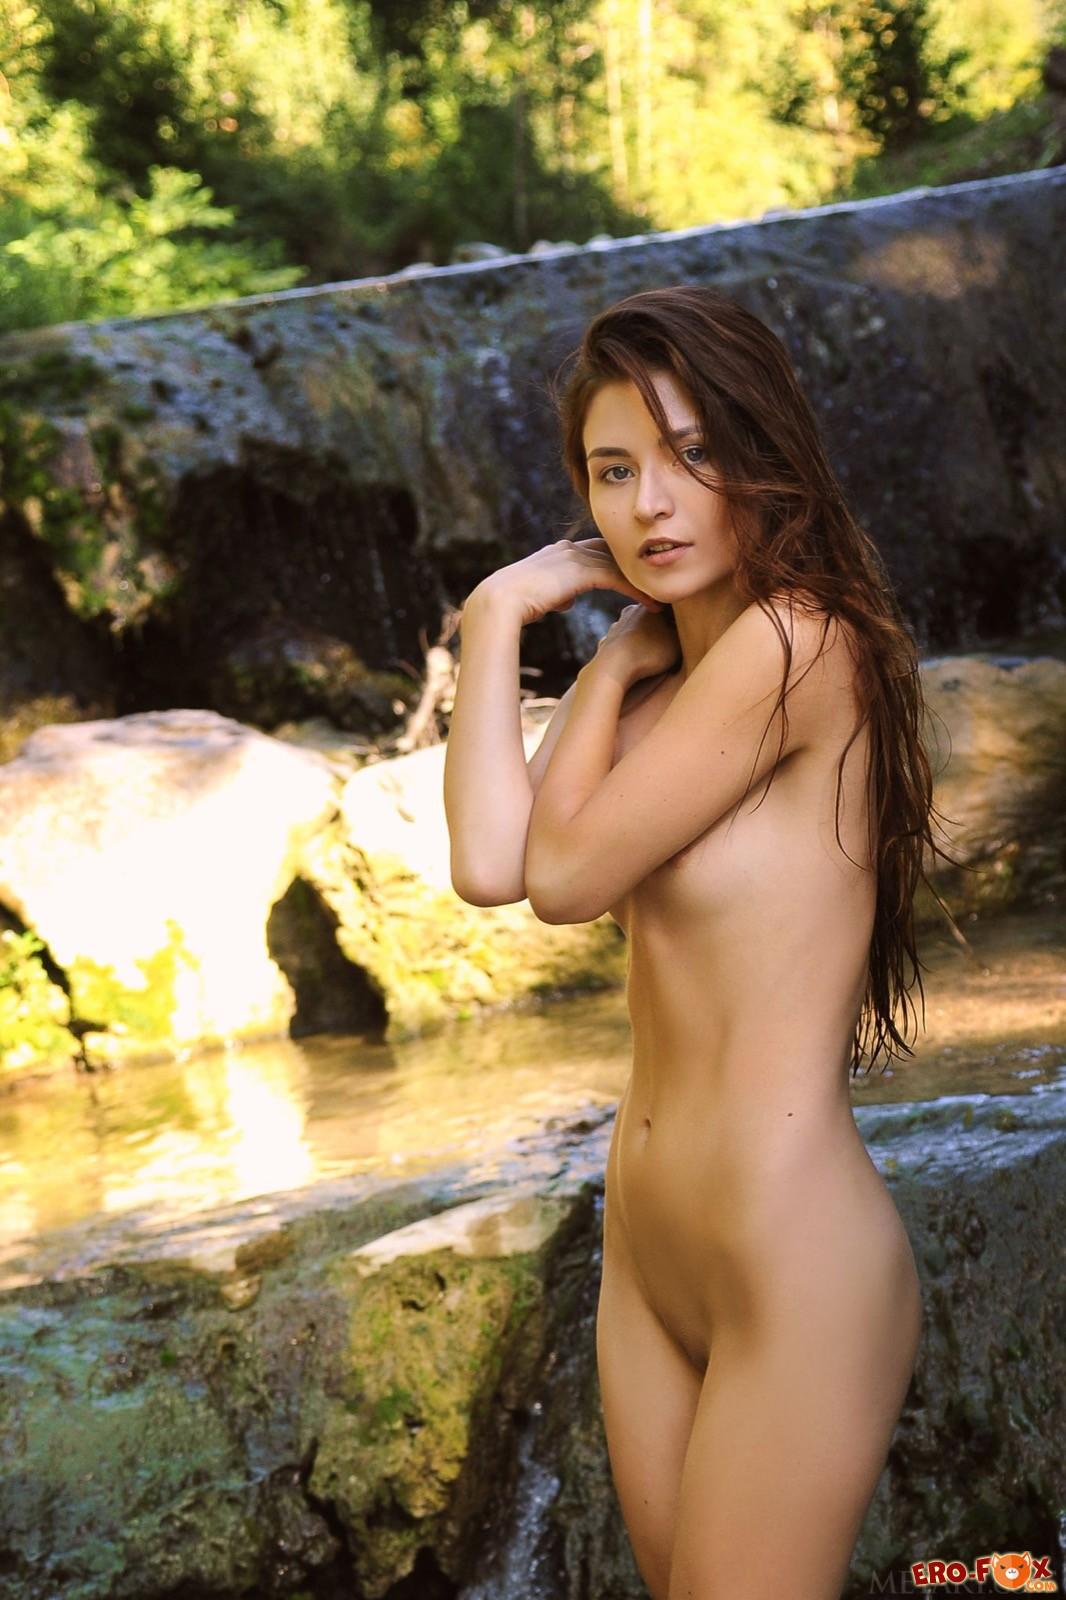 Шатенка в бикини оголилась рядом с водопадом